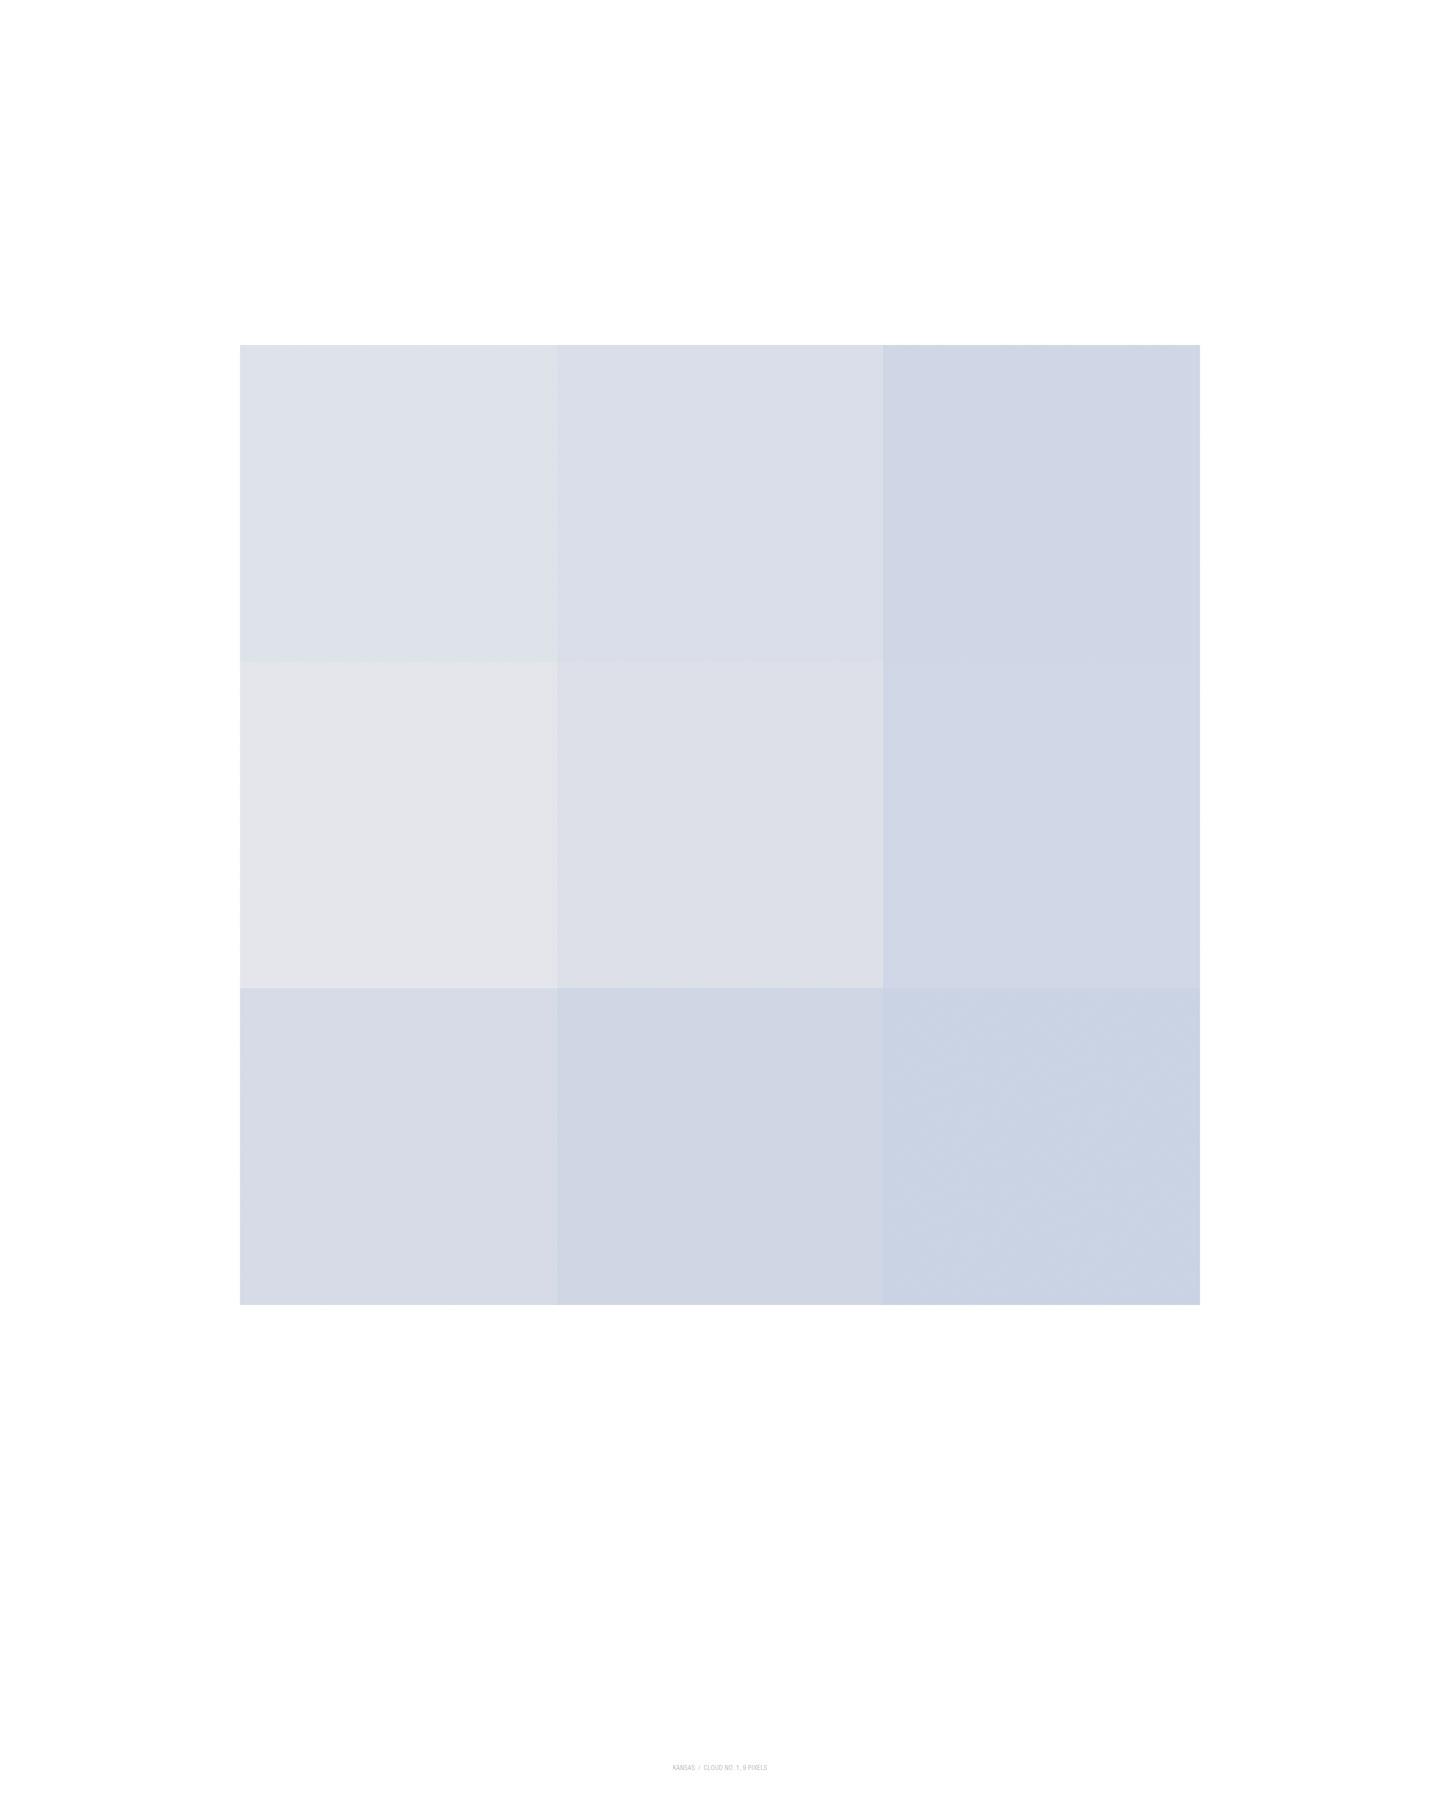 Cloud No. 1, 9 Pixels